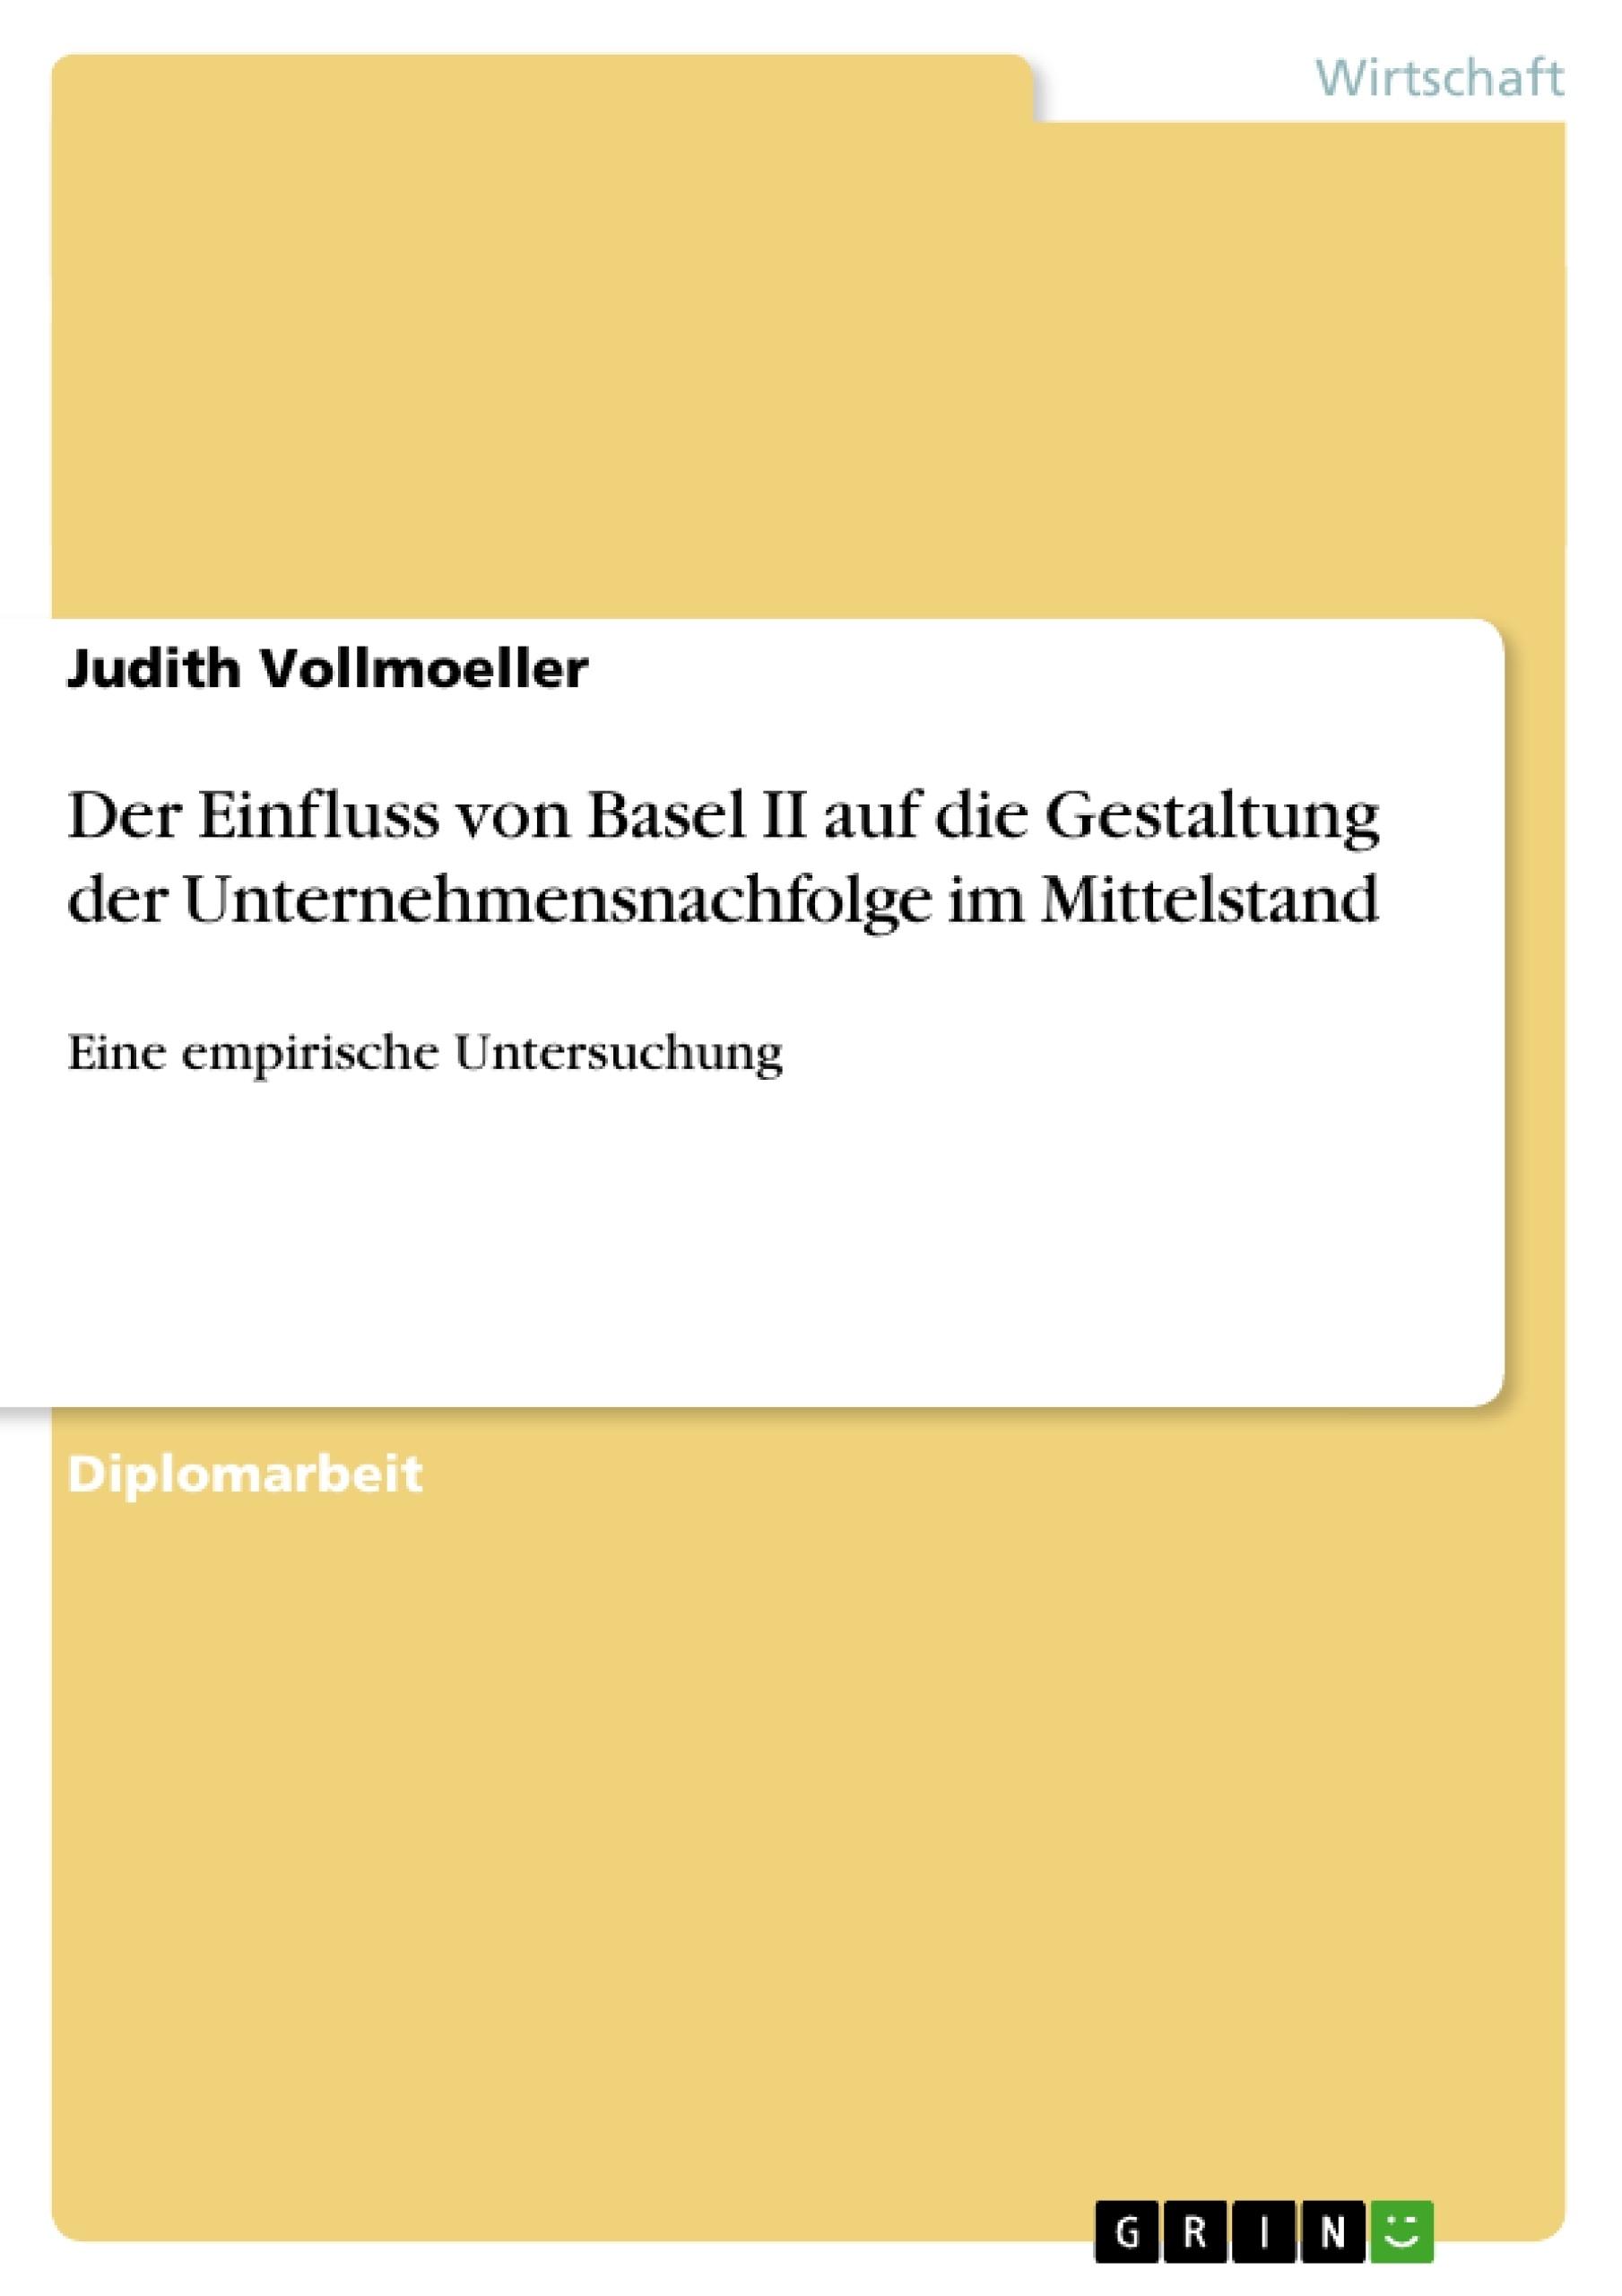 Titel: Der Einfluss von Basel II auf die Gestaltung der Unternehmensnachfolge im Mittelstand